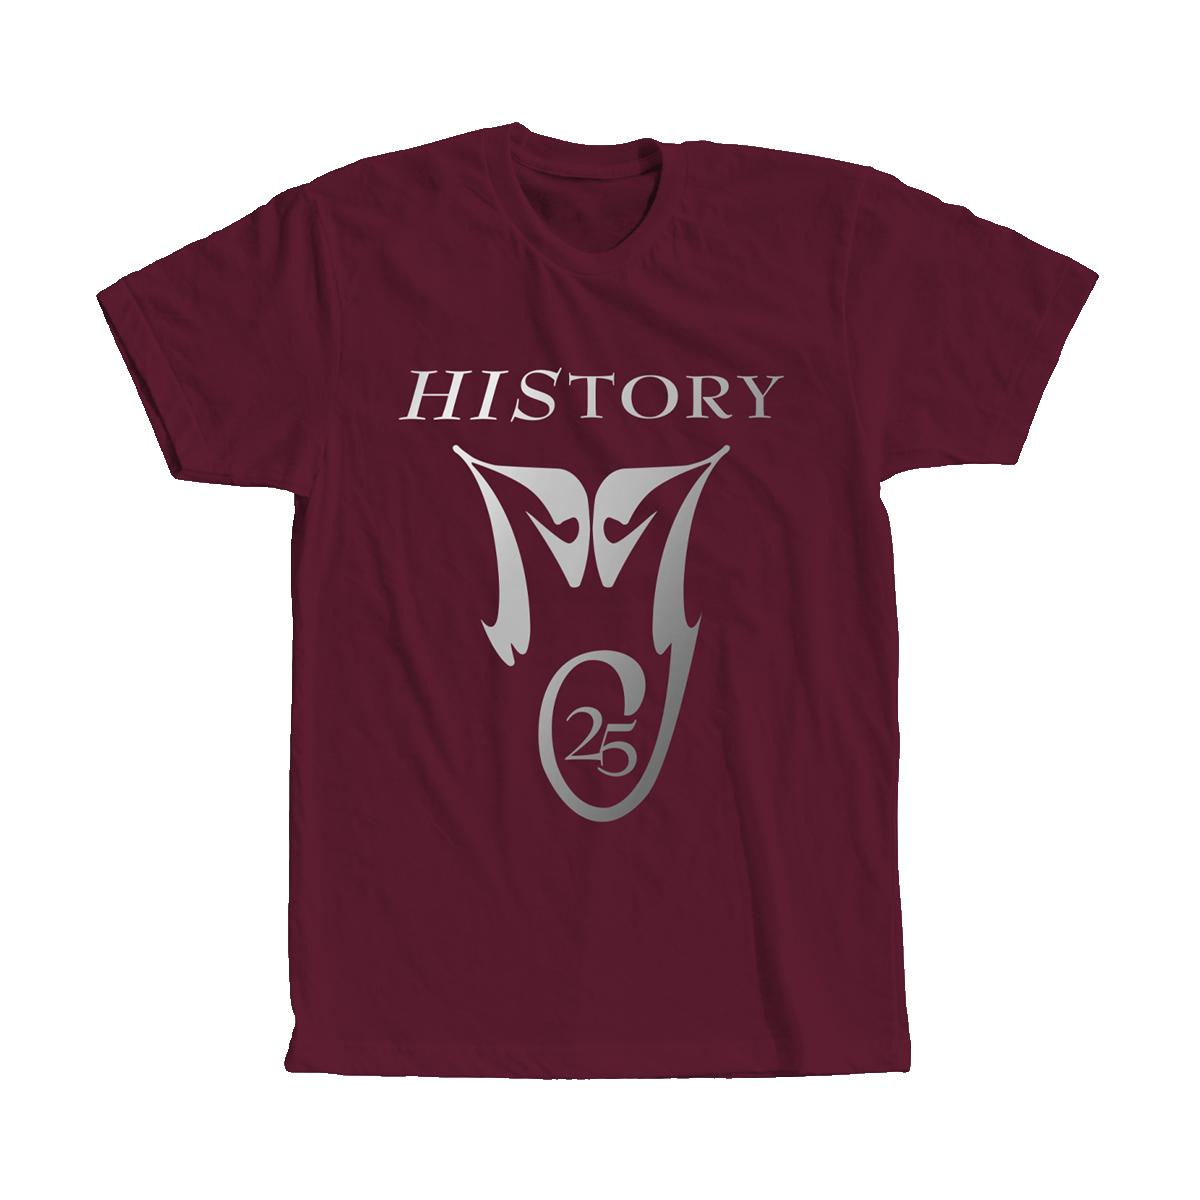 HIStory 25 Maroon Tee